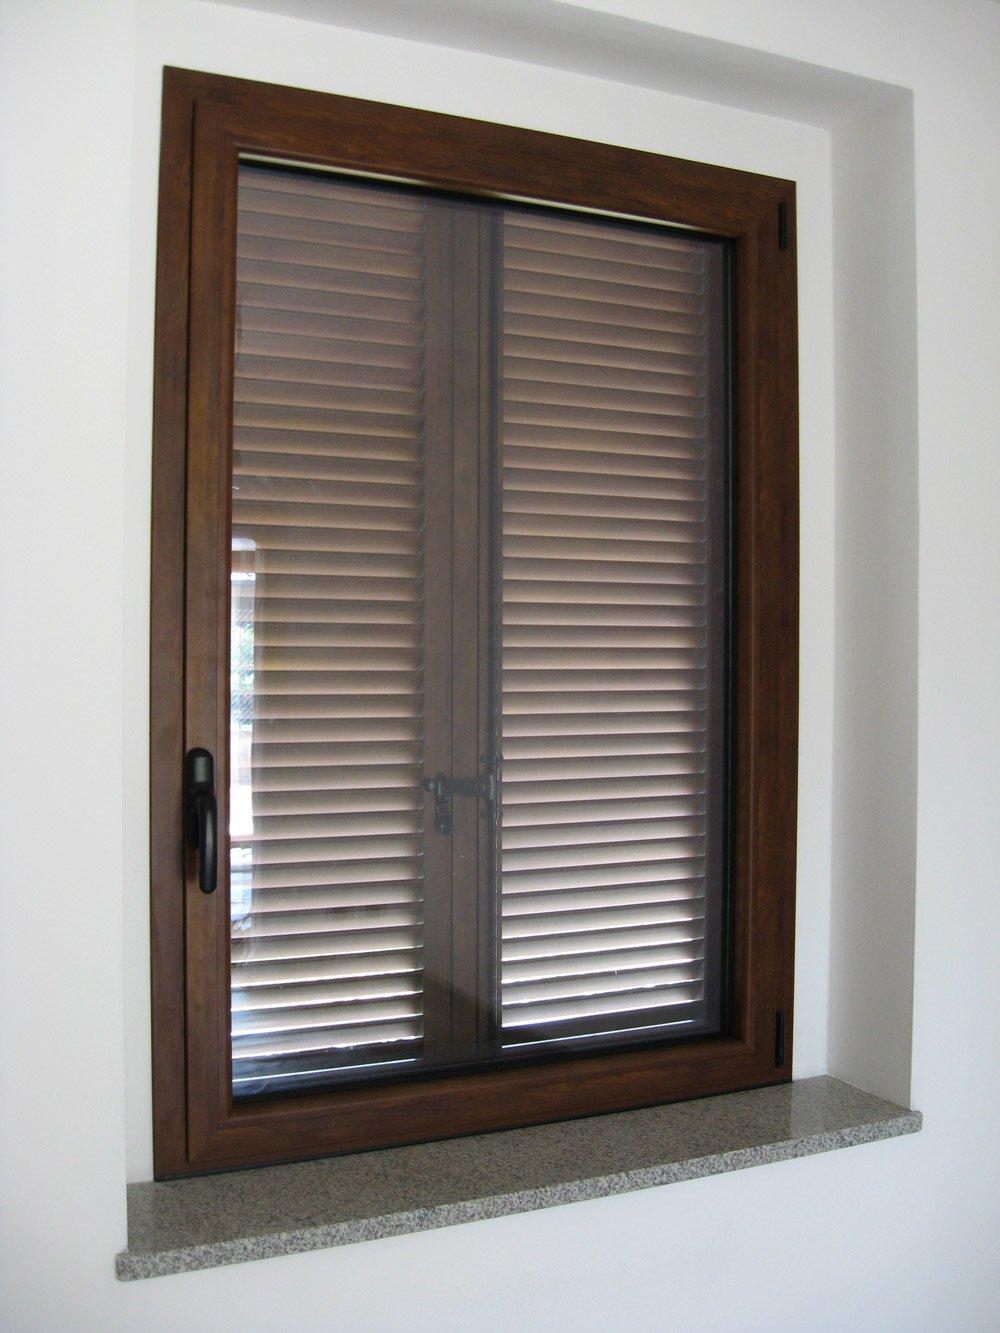 finestra in legno con tapparella chiusa